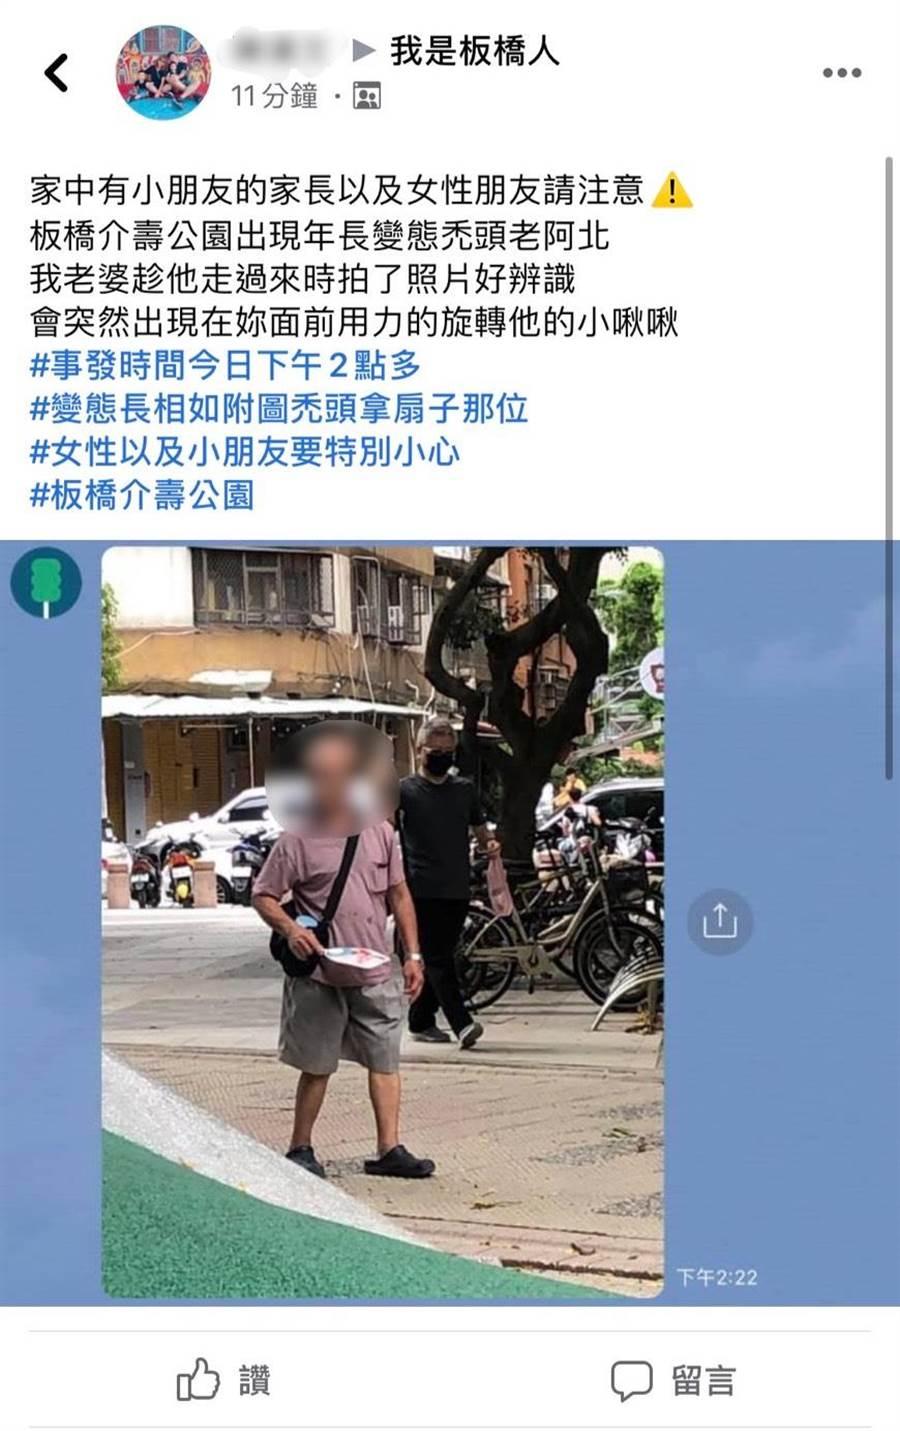 新北市板橋區介壽公園日前出現一名中年男子,會突然在公園內裸露下體,民眾見狀拍照上傳臉書社團《我是板橋人》,提醒家長要多加注意。(翻攝照片)